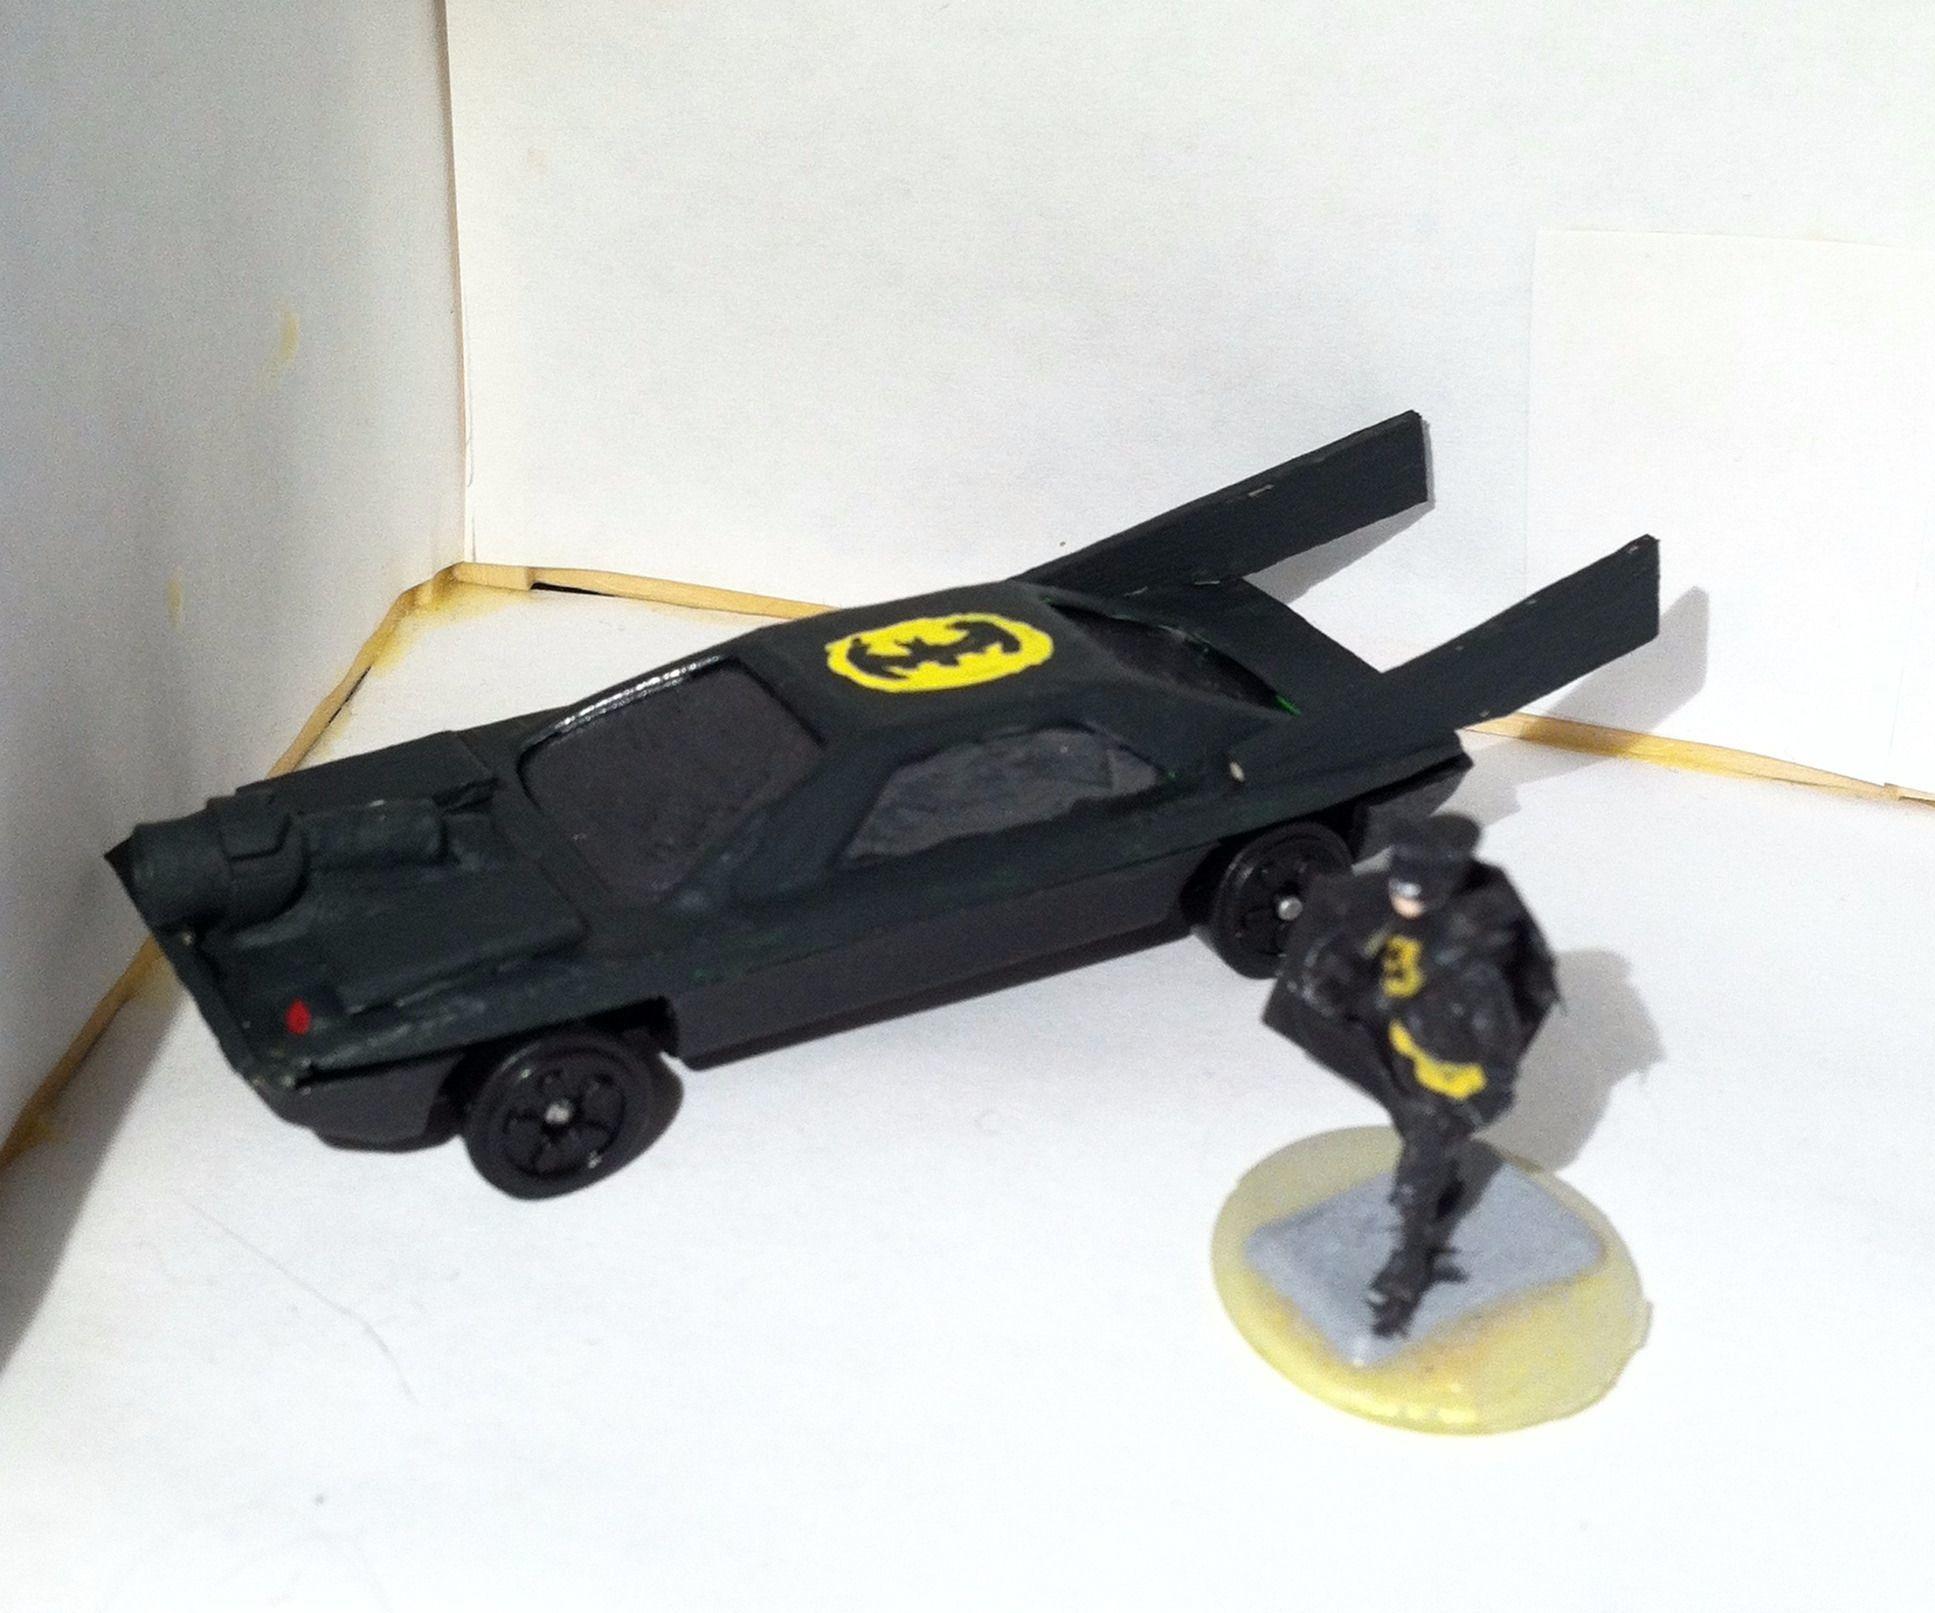 1/72 Scale Batmobile